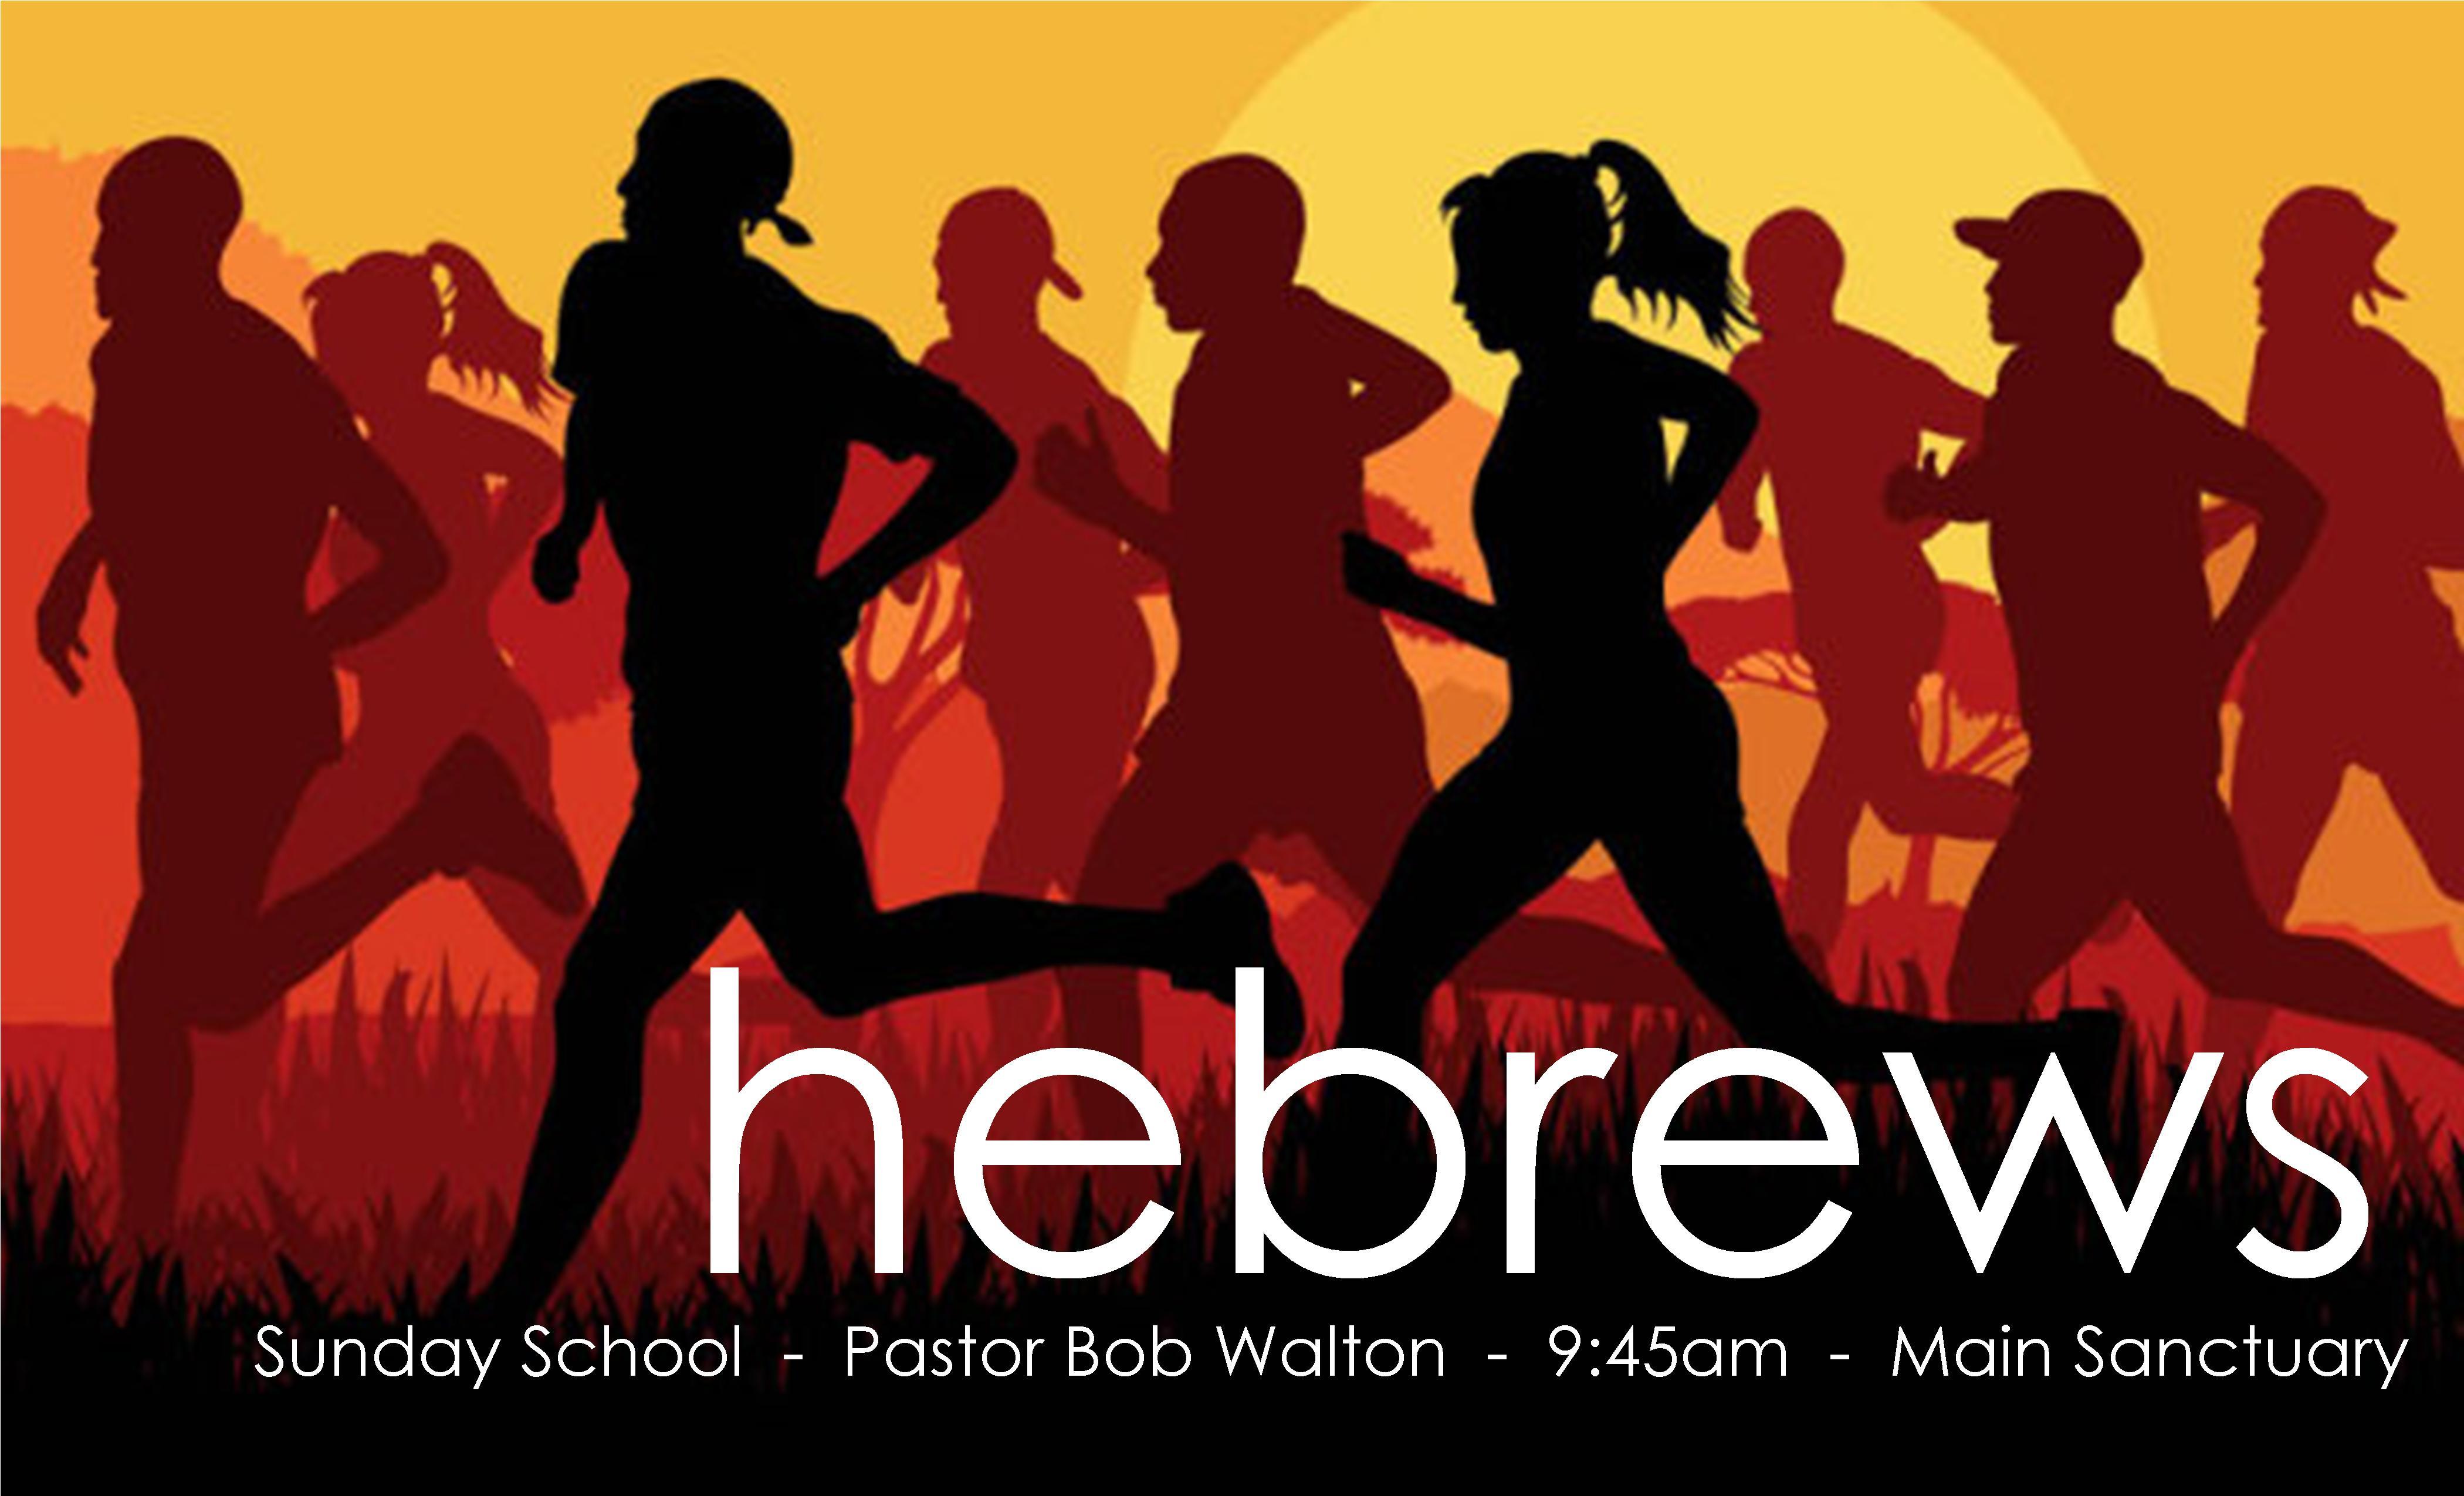 Hebrews Sunday School Class - Faith Reformed Baptist Church